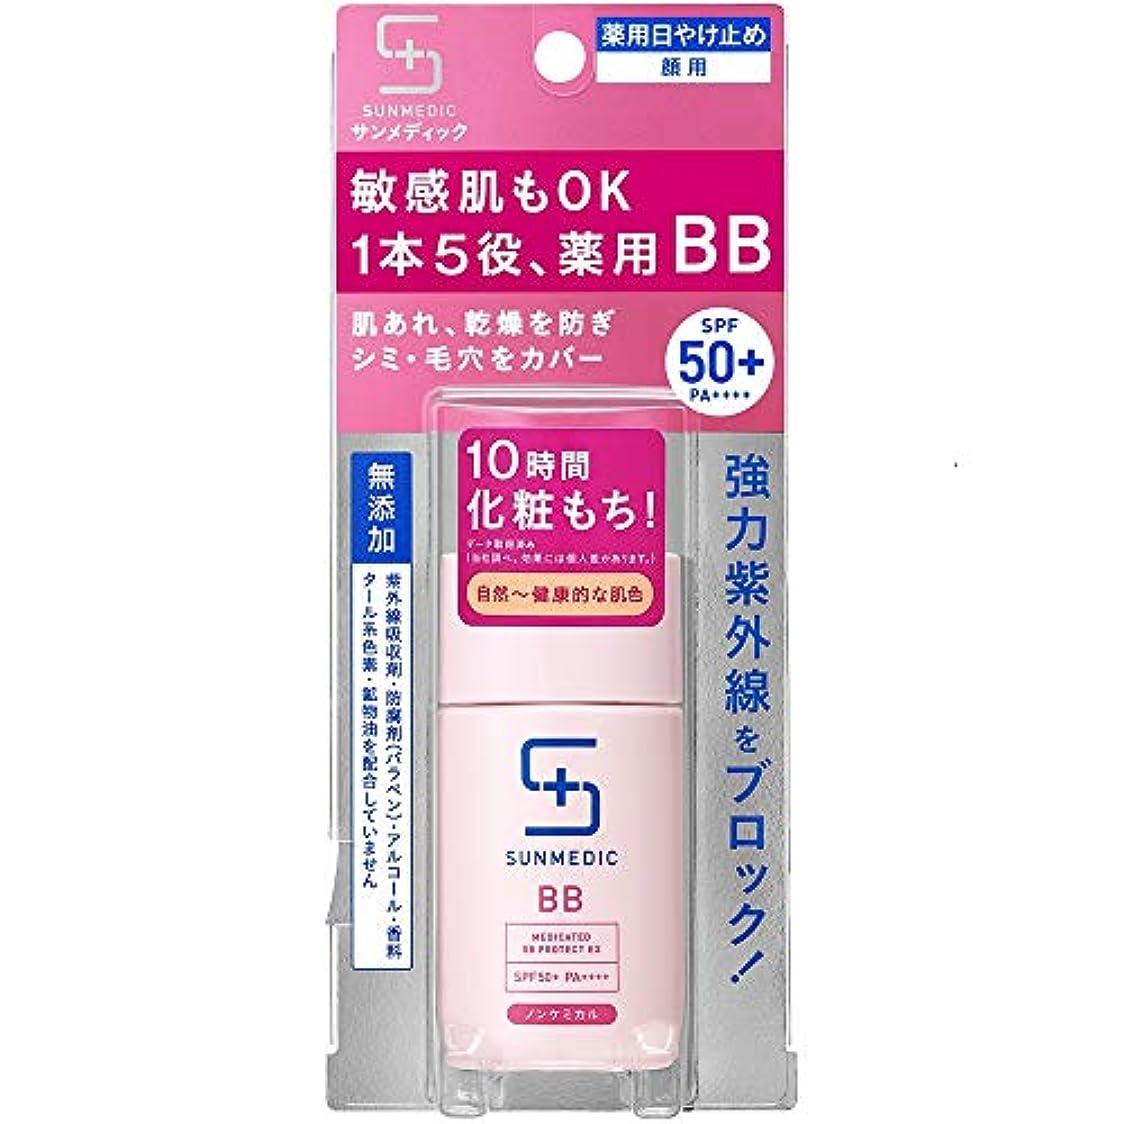 一目砂利ポンペイサンメディックUV 薬用BBプロテクトEX ナチュラル 30ml (医薬部外品)